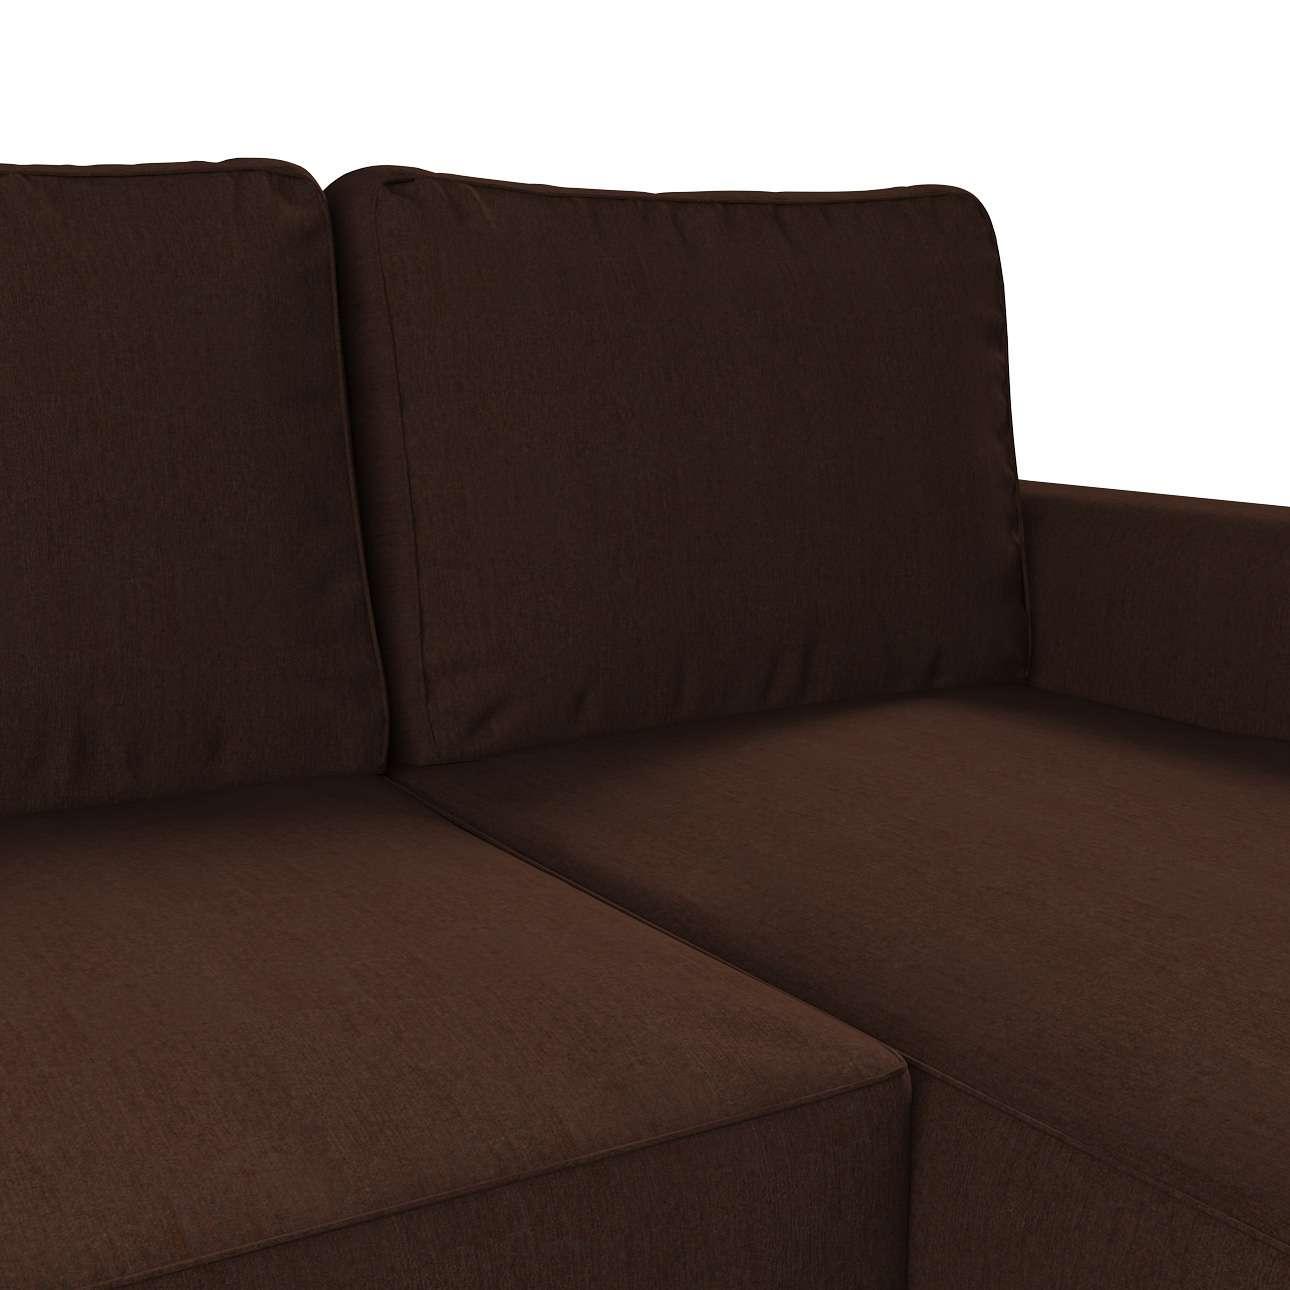 Pokrowiec na sofę Backabro rozkładaną z leżanką sofa Backabro rozkładana z leżanką w kolekcji Chenille, tkanina: 702-18